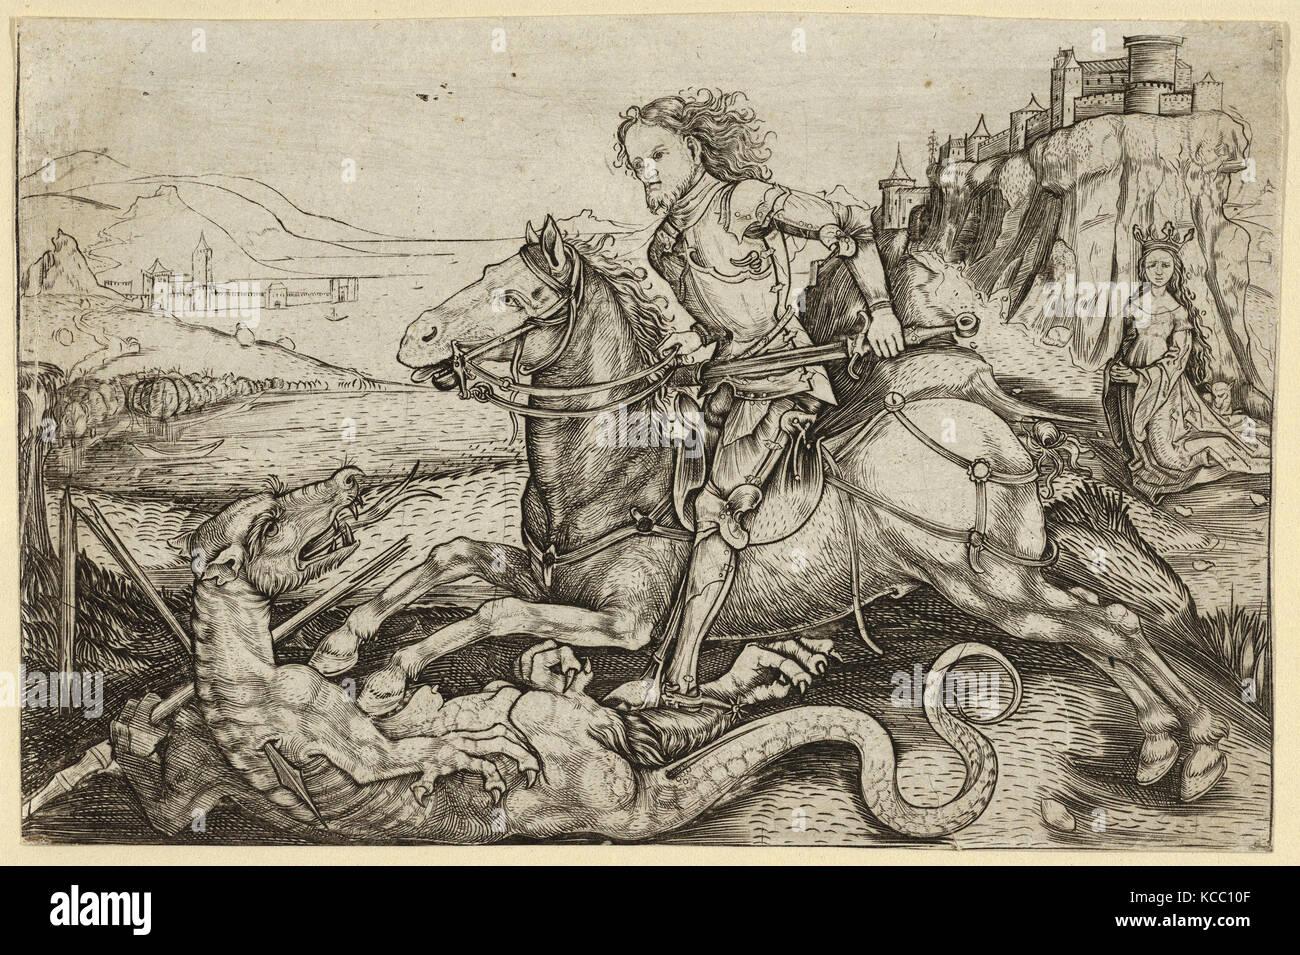 Europeo di scultura e di arti decorative, di pezzo, Francese, inizio del XVII secolo, 1600, 1615, seta e filo metallico Immagini Stock